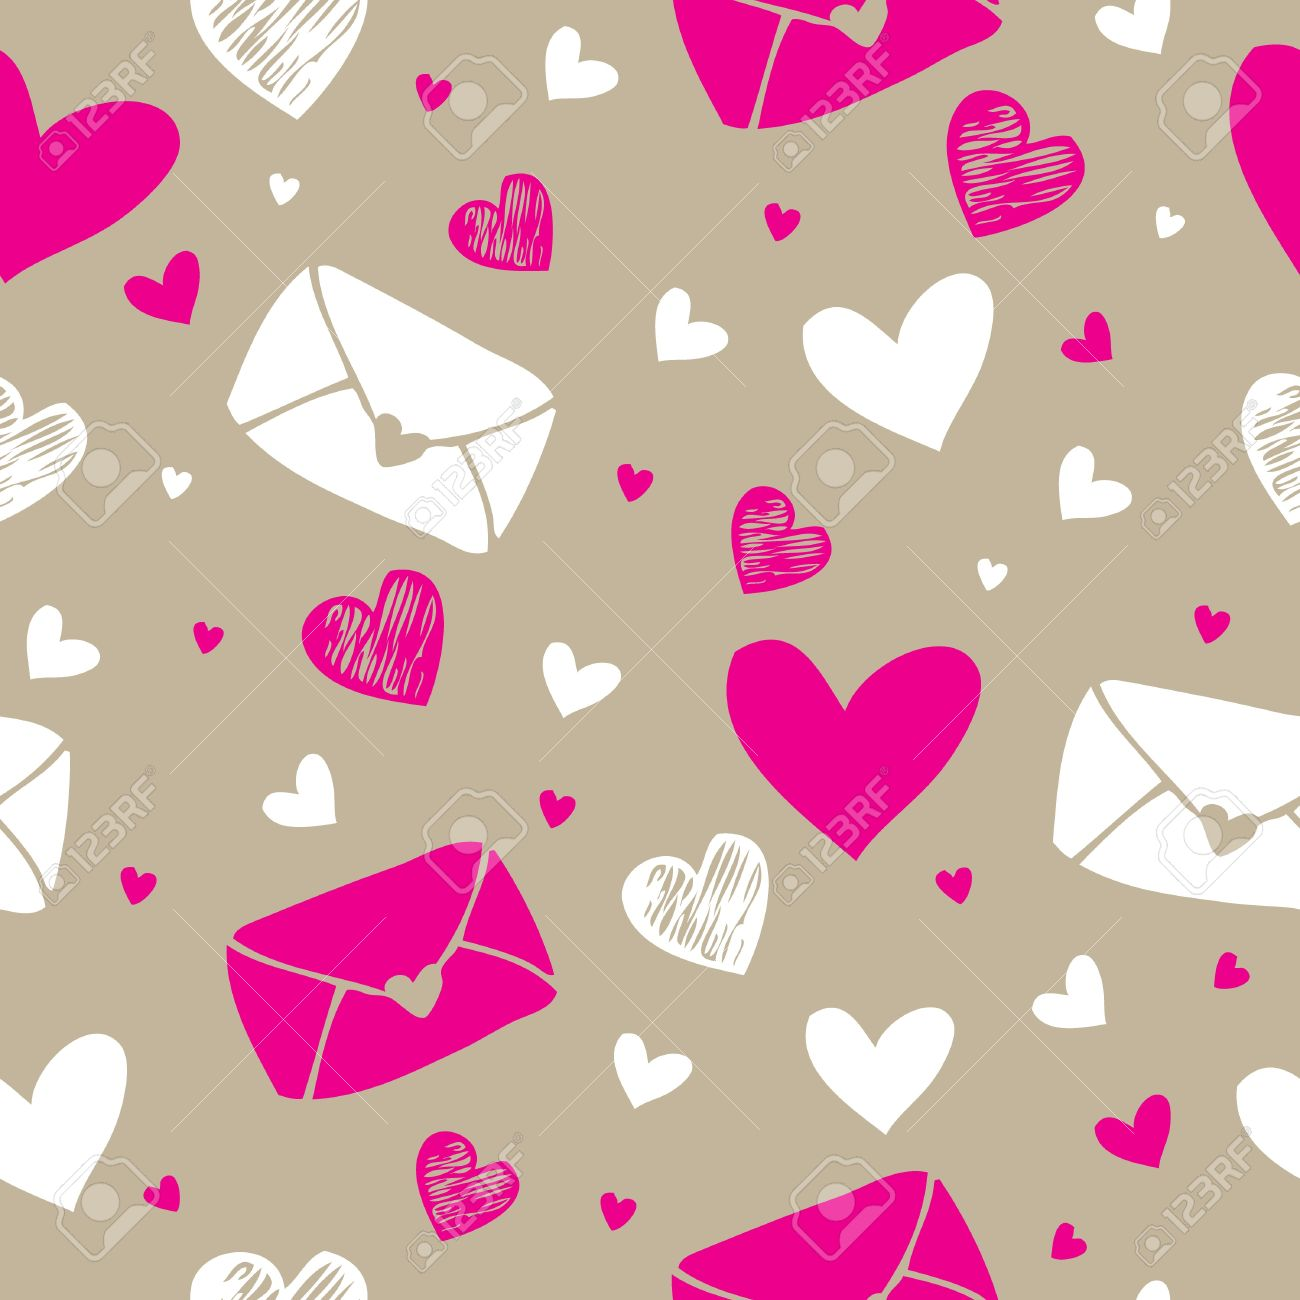 Carta De Amor Y Corazones De Fondo Sin Patron Ilustraciones